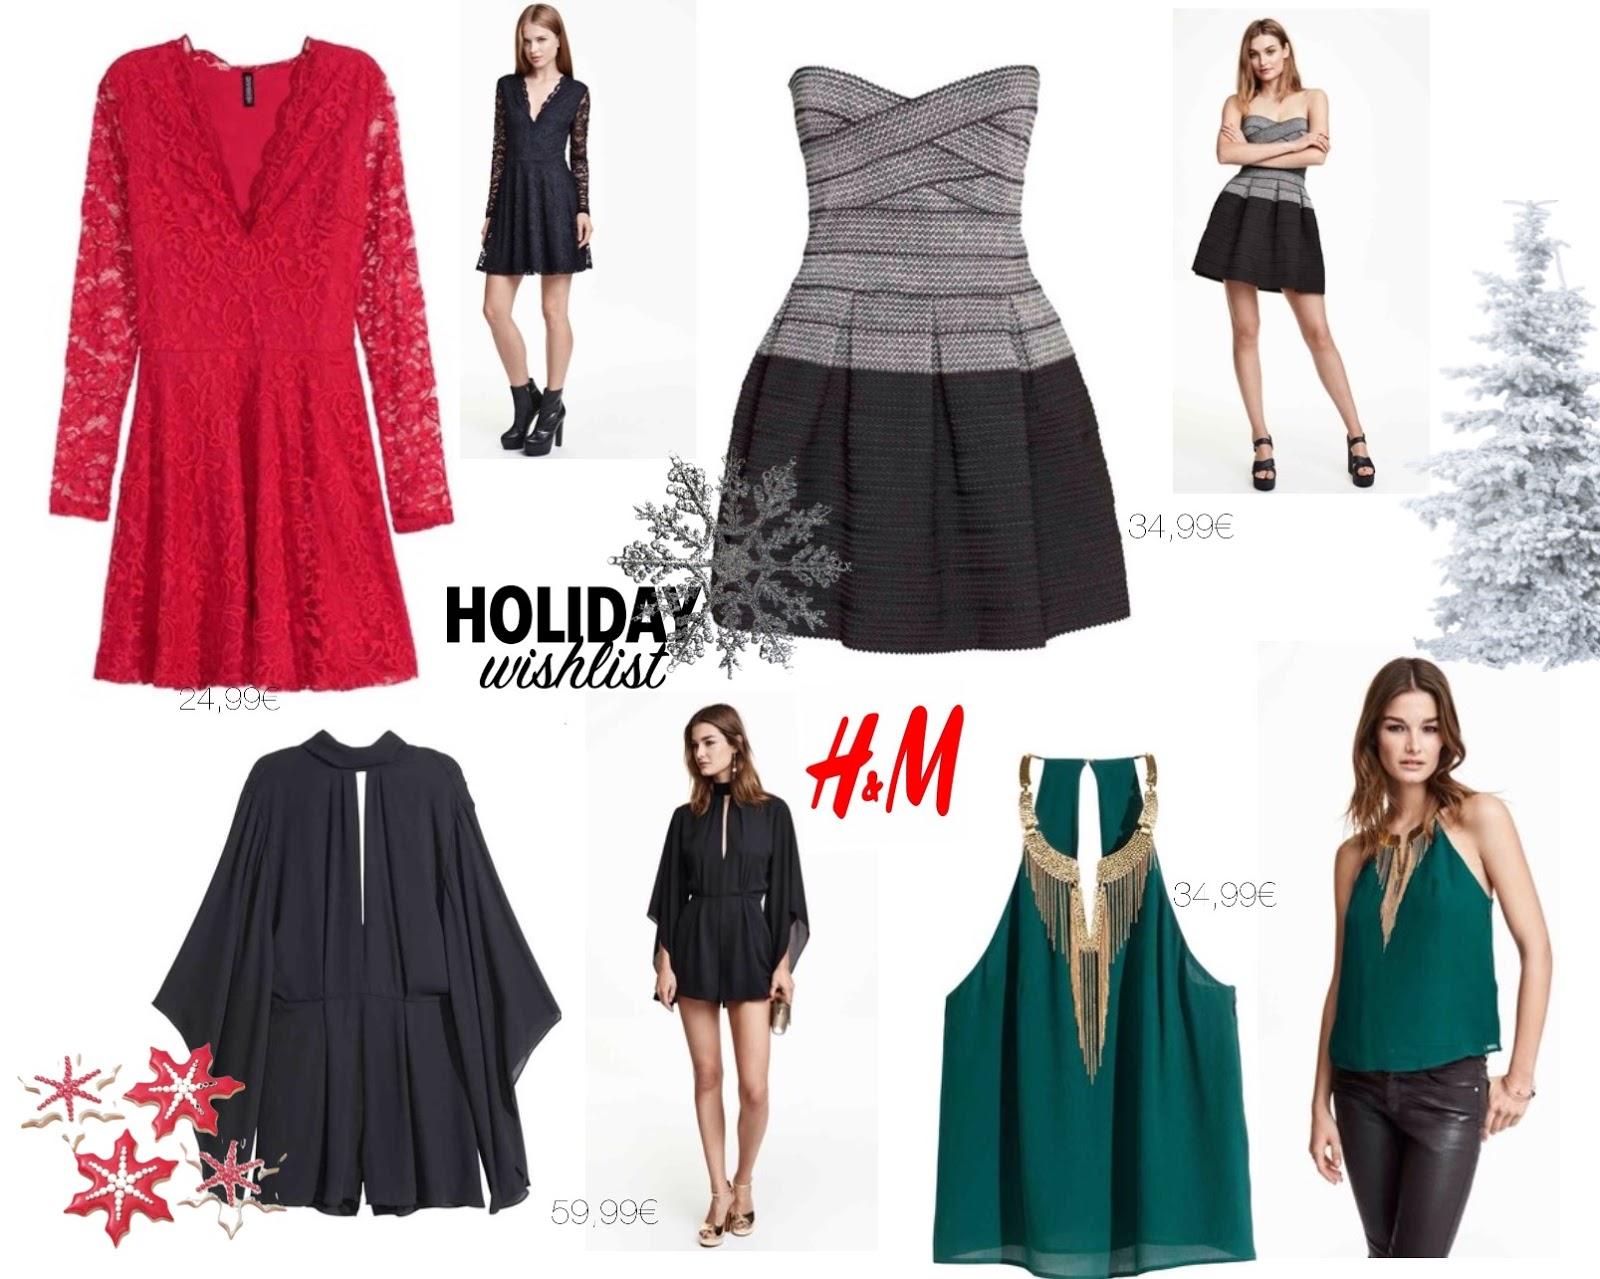 670f818ad77d Ho dato un'occhiata ad altre proposte interessanti per darvi qualche  suggerimento in più su come vestirsi a Natale, a Capodanno e in generale  durante le ...